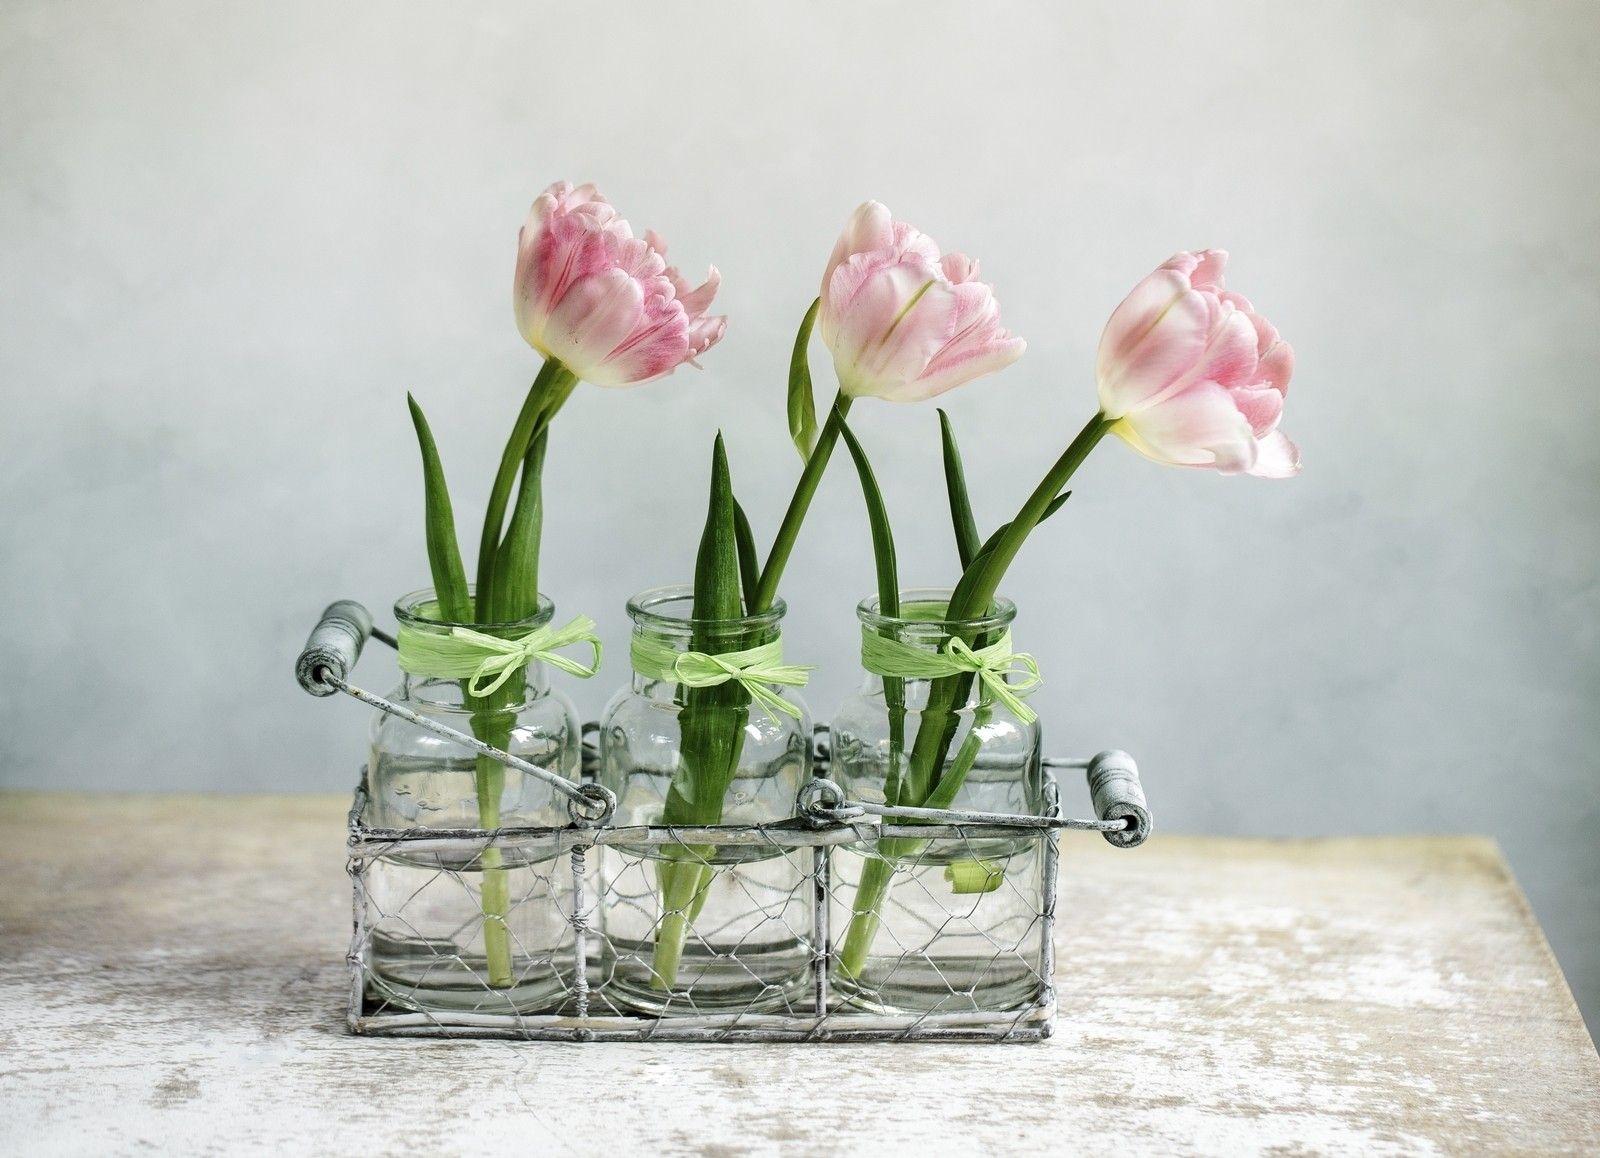 Deko mit tulpen laden sie den fr hling ins haus ein Ideen deko